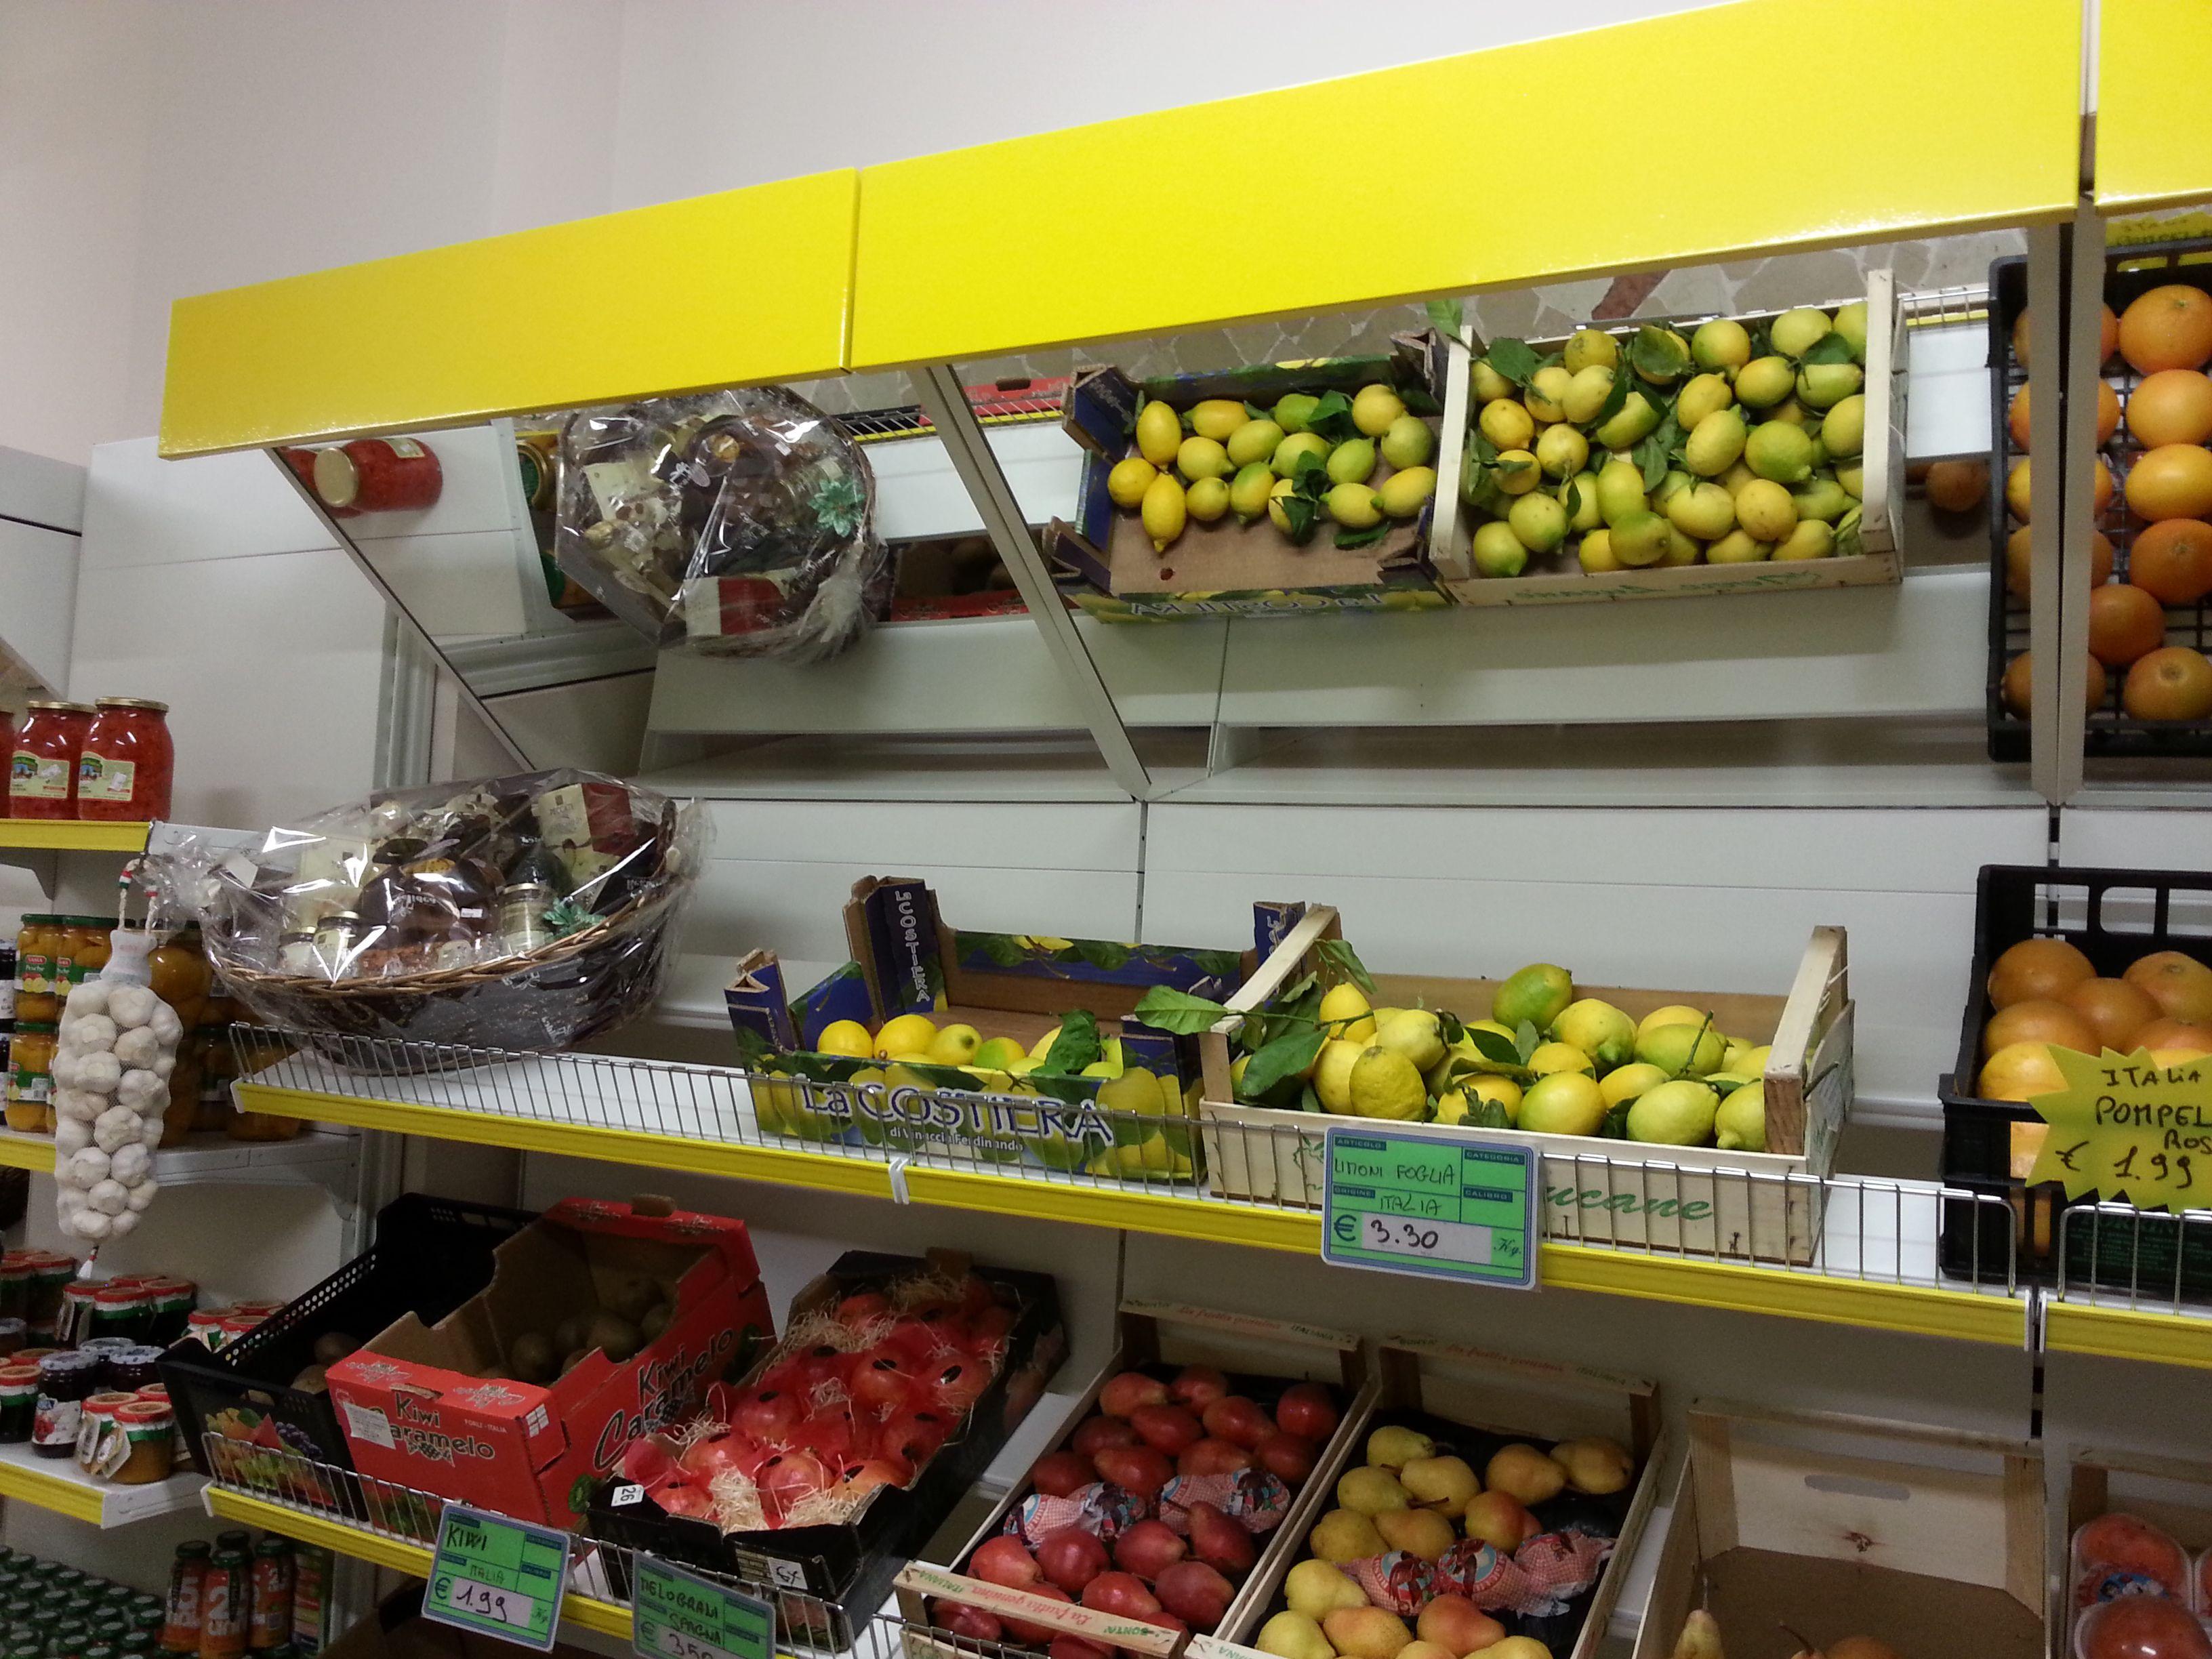 Realizziamo Arredi per Negozi di Frutta e Verdura con